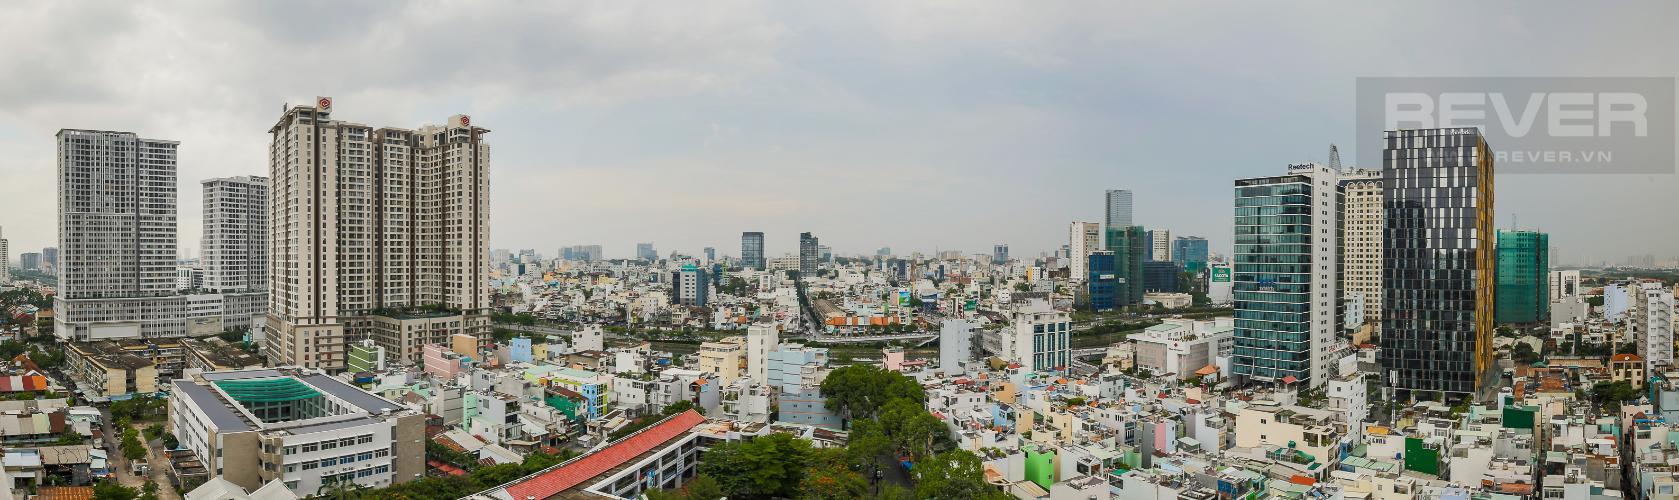 View Cho thuê chung cư H2 Hoàng Diệu 2PN, diện tích 87m2, đầy đủ nội thất, view cảnh thành phố